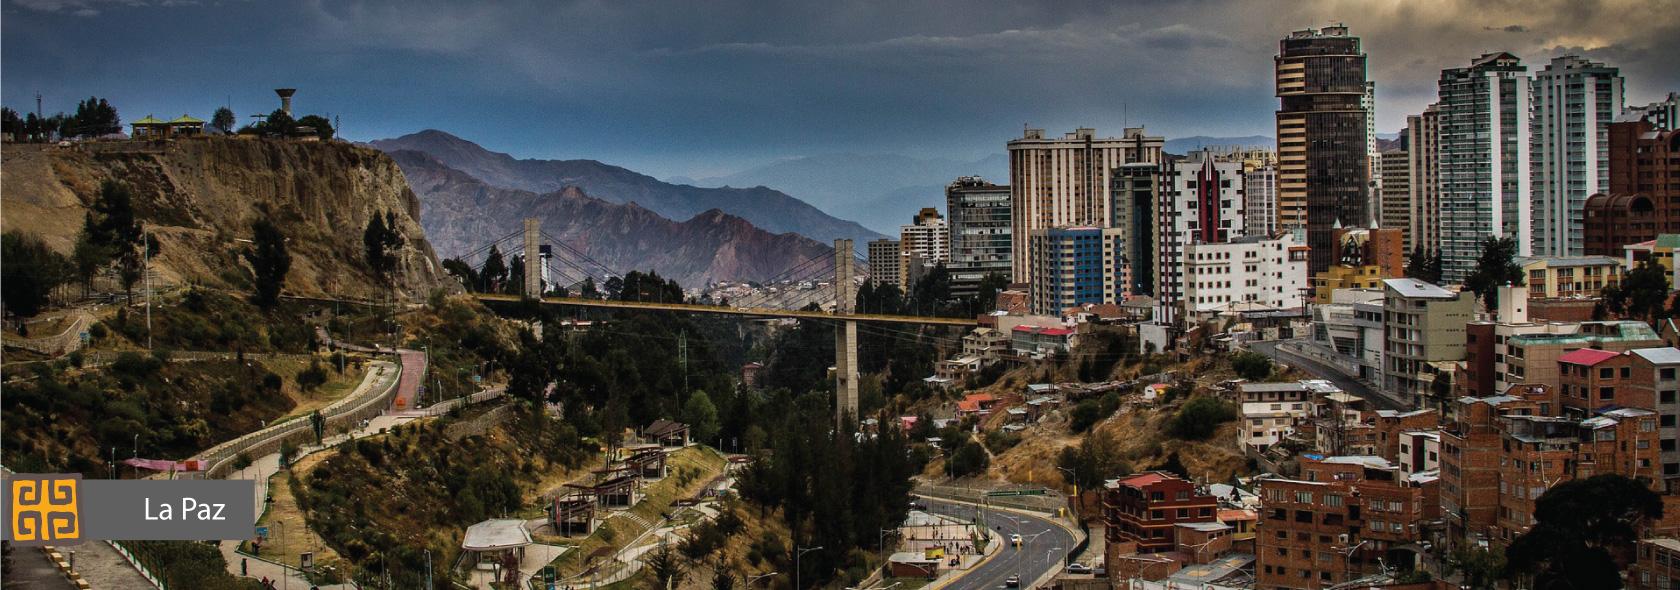 La-Paz